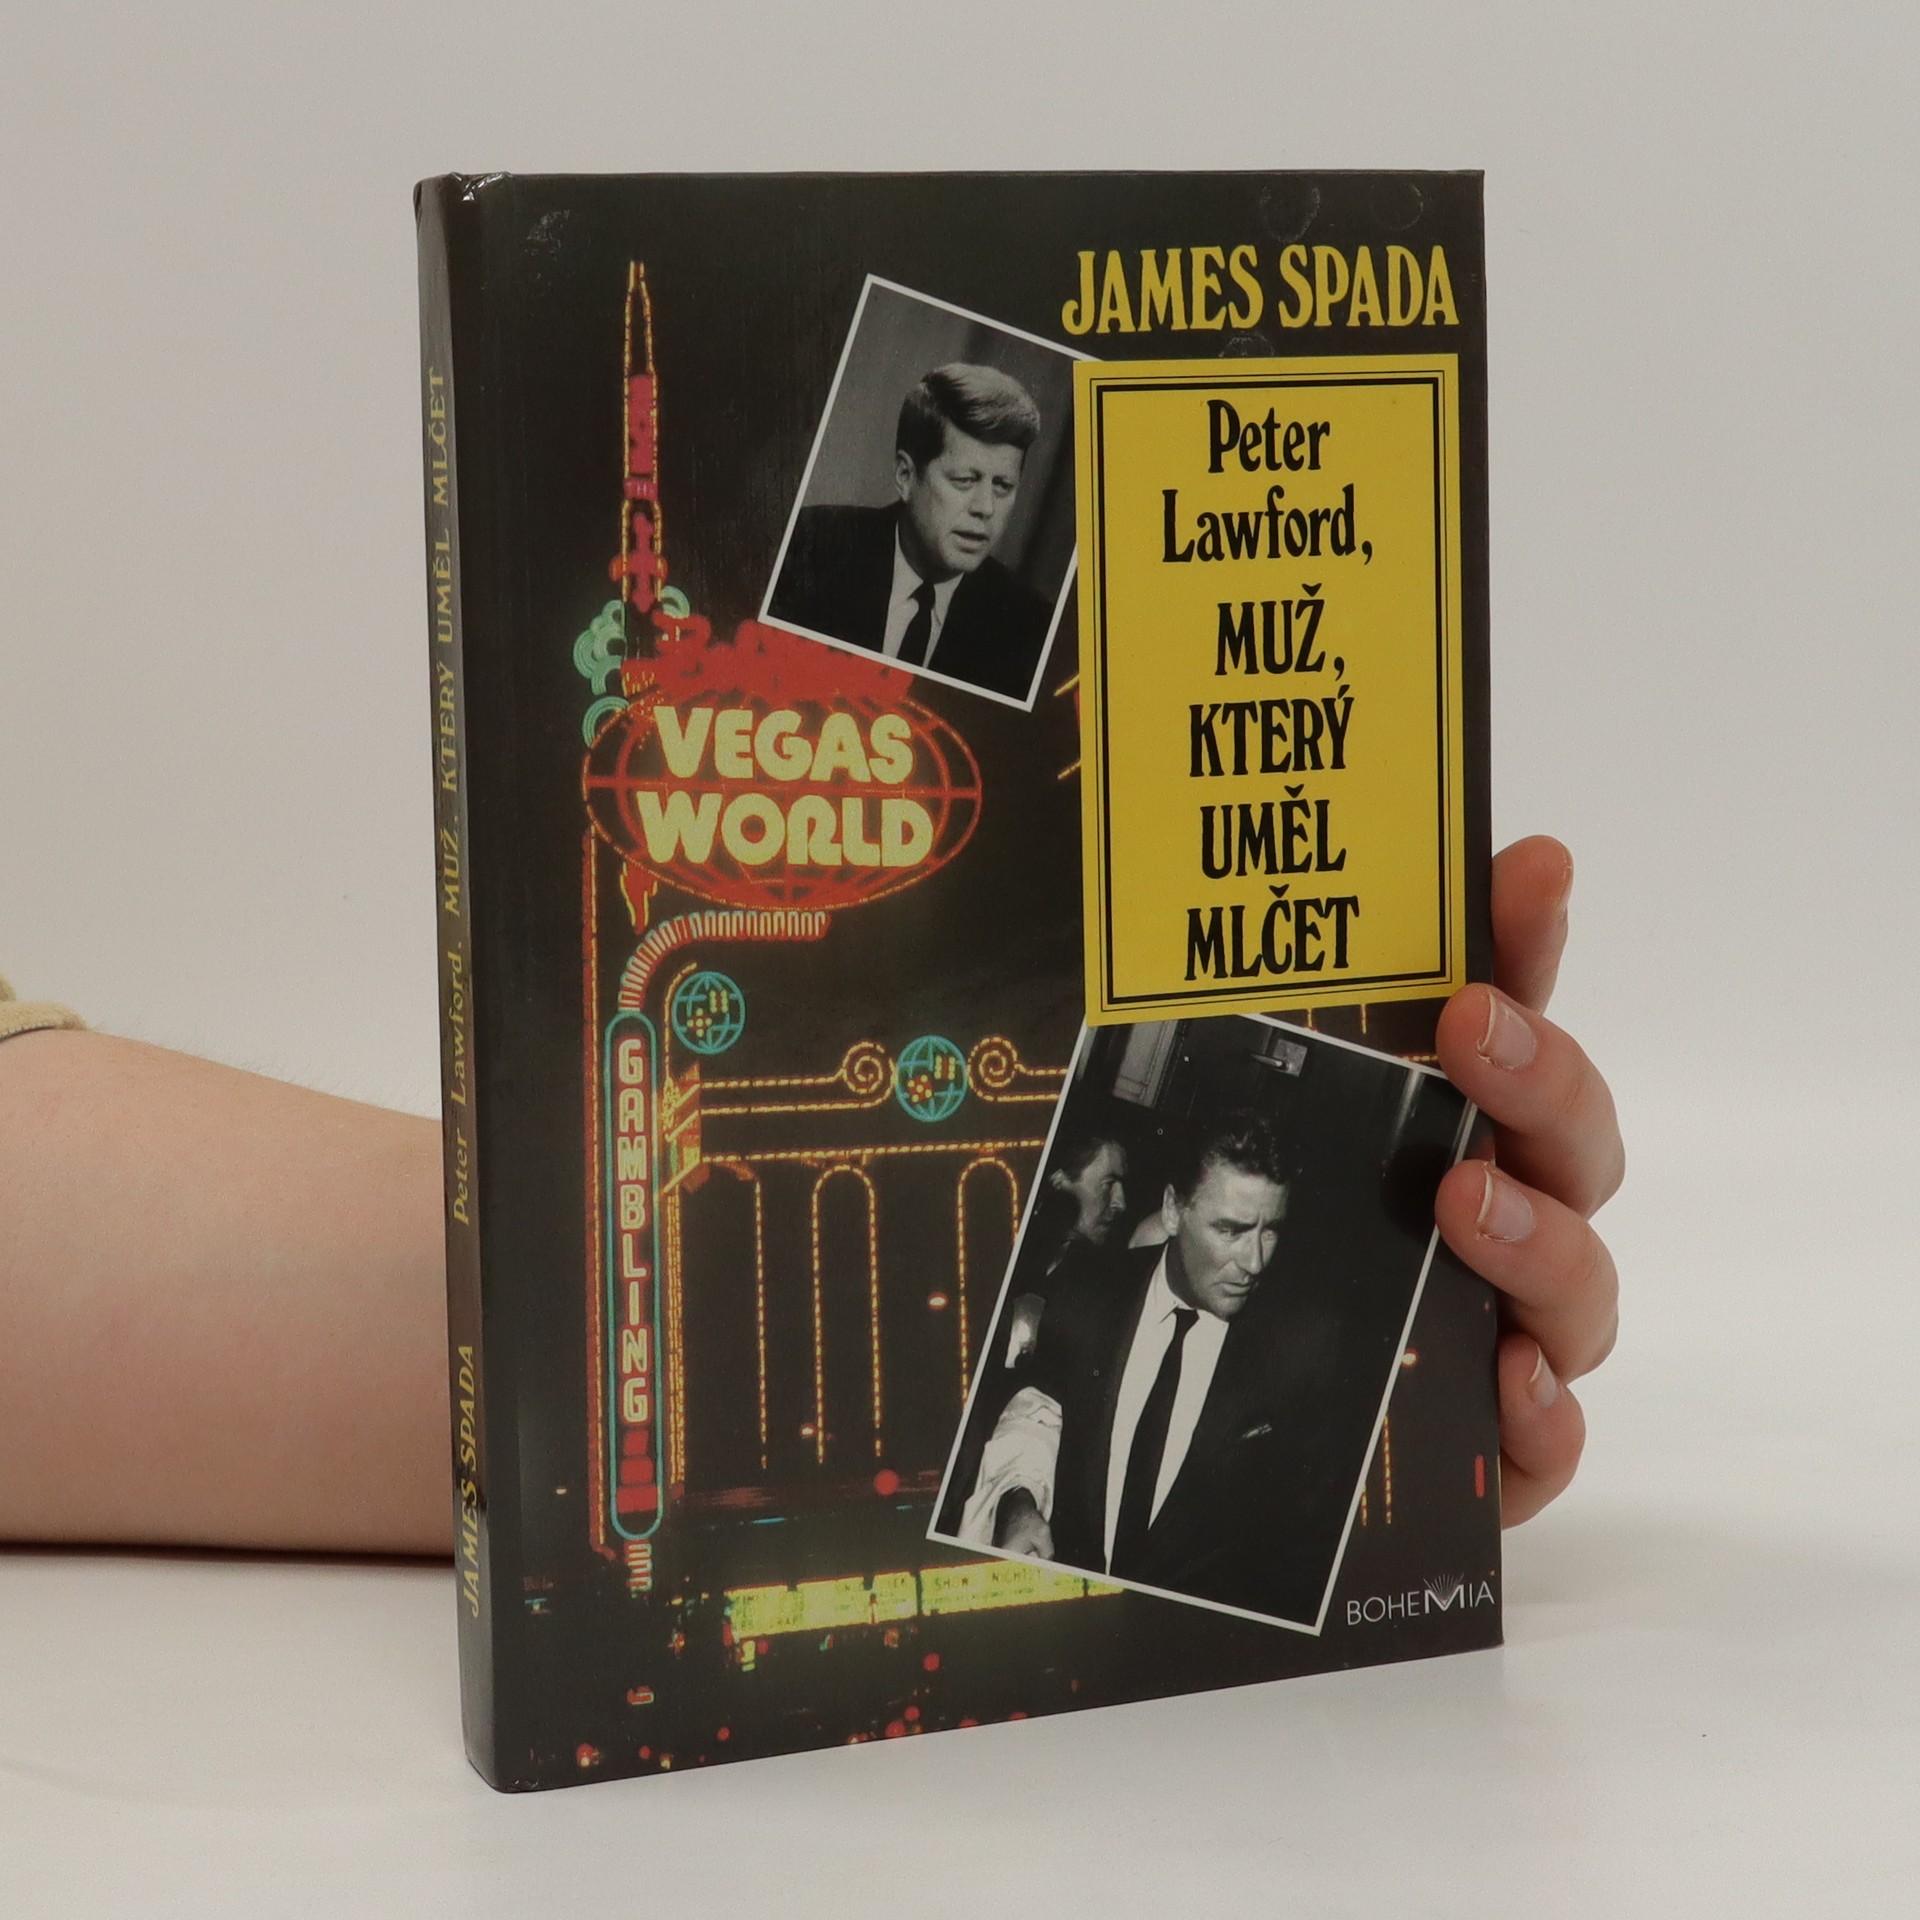 antikvární kniha Peter Lawford, muž, který uměl mlčet, 1994